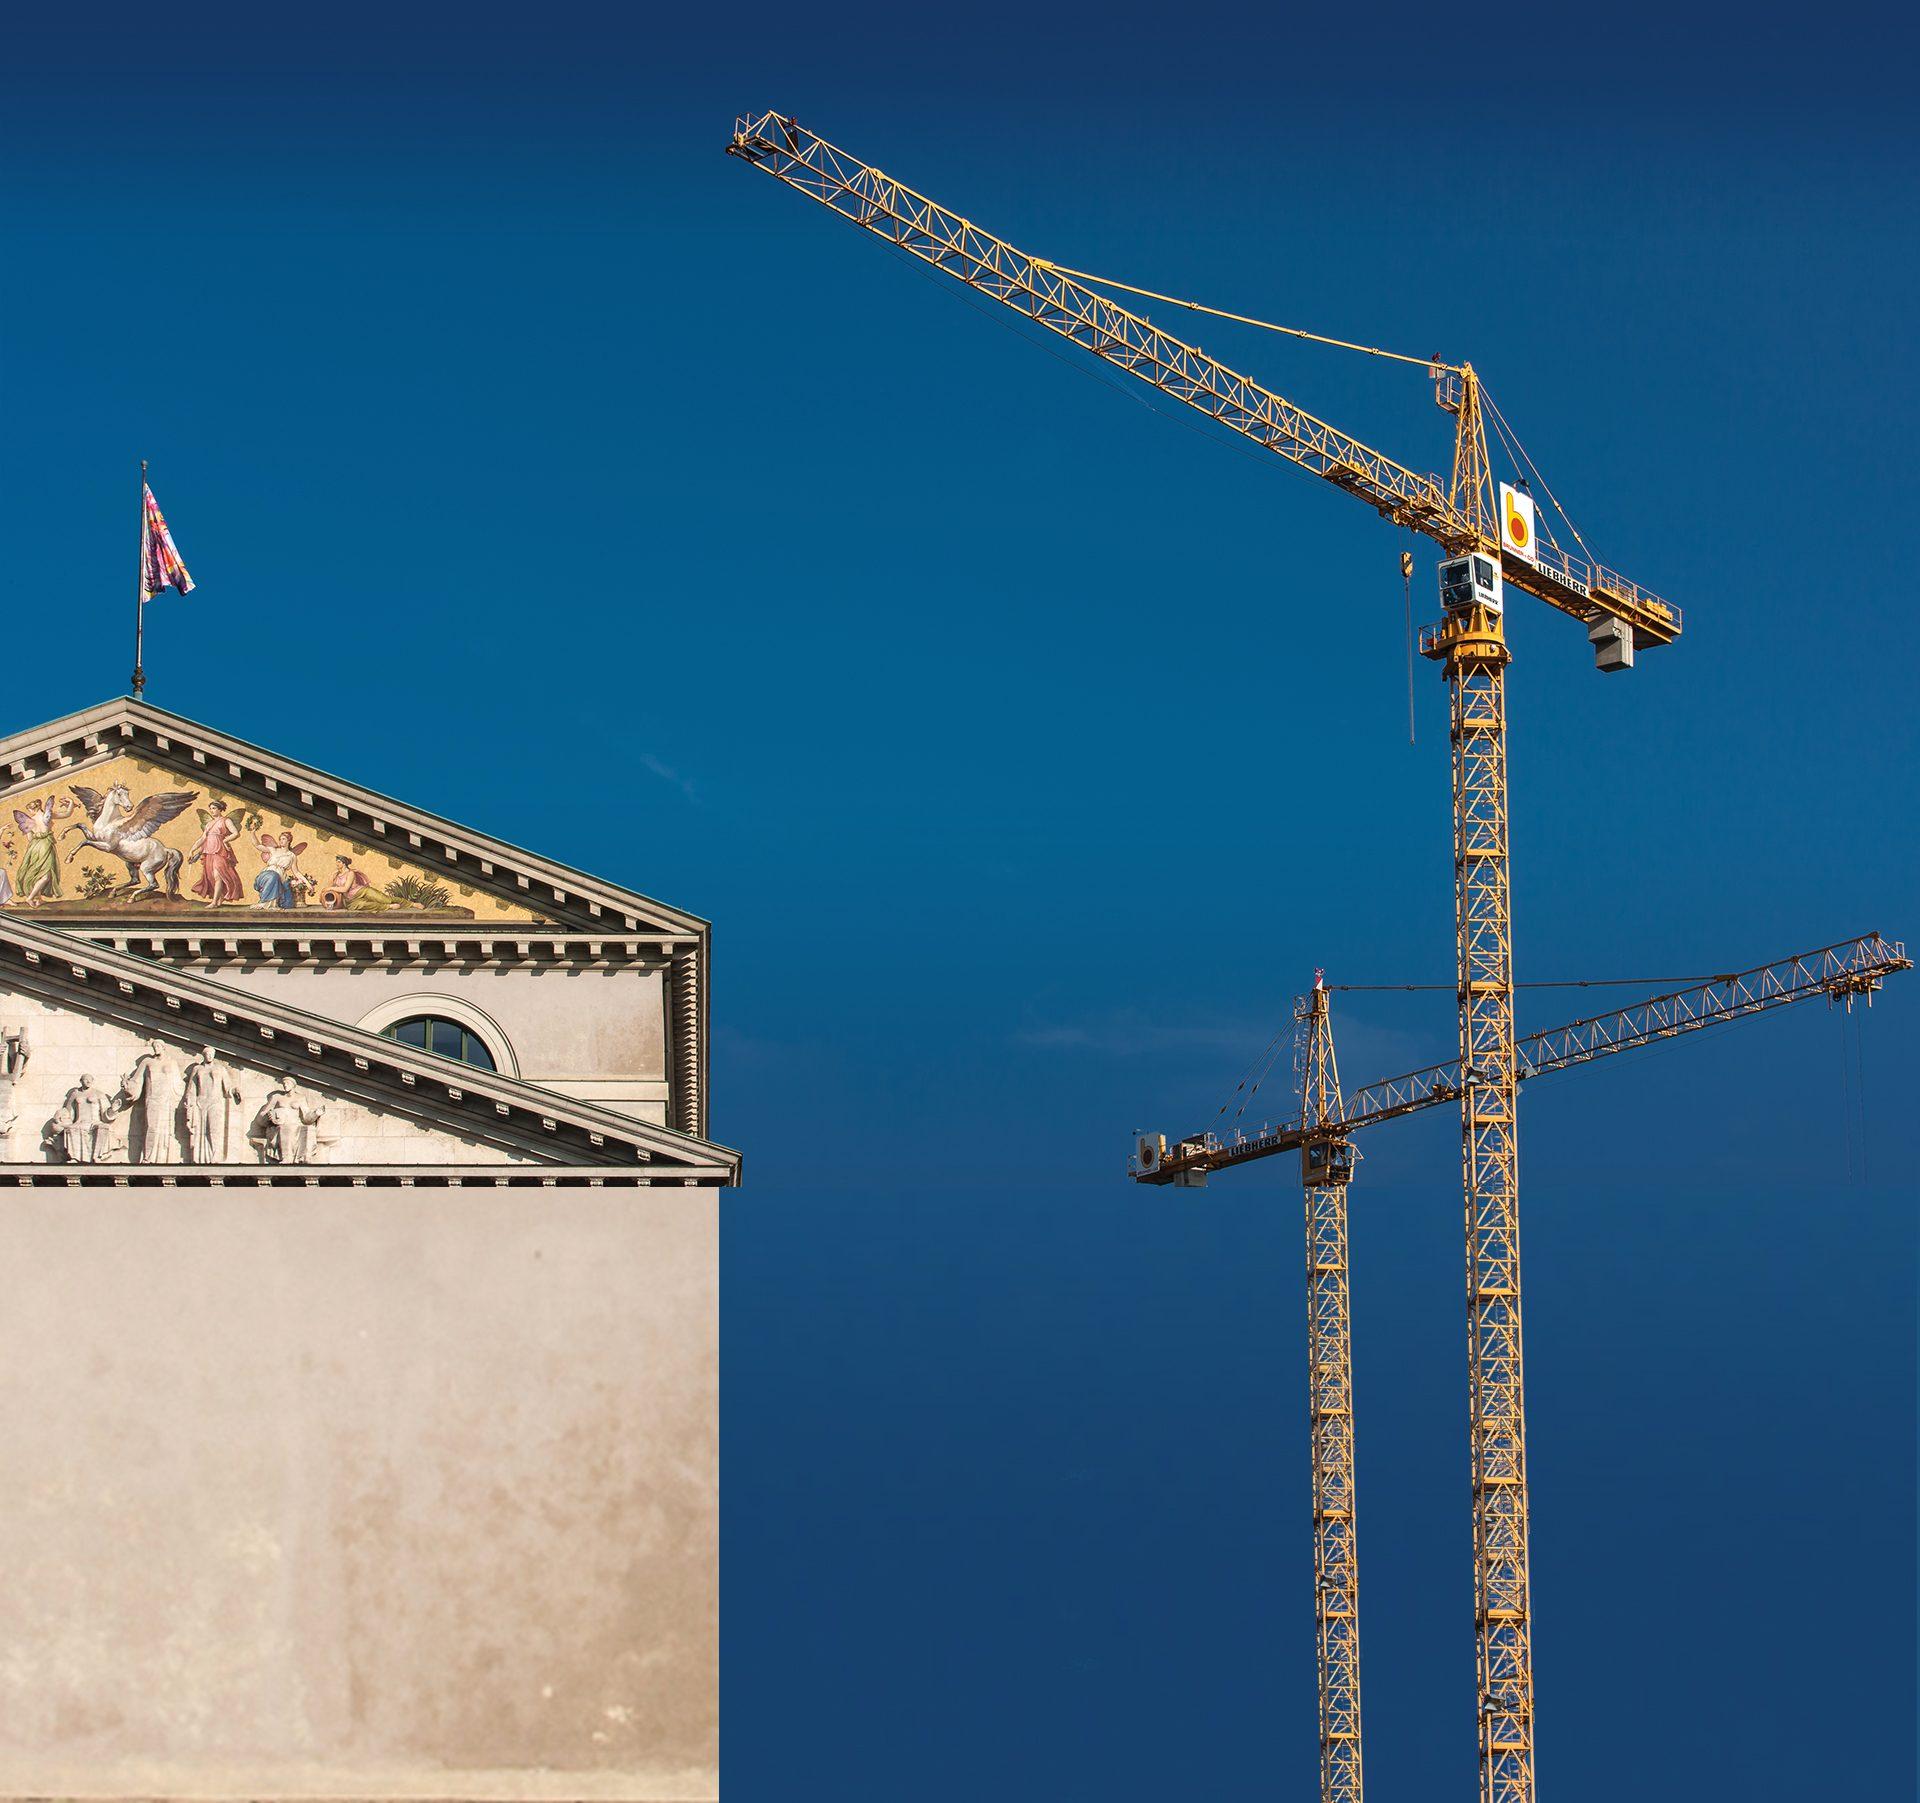 Zei Kräne rechts im Bild von BRUNNER + CO vor leuchtend blauem Himmel, links unten das Dach eines denkmalgeschützten Gebäudes